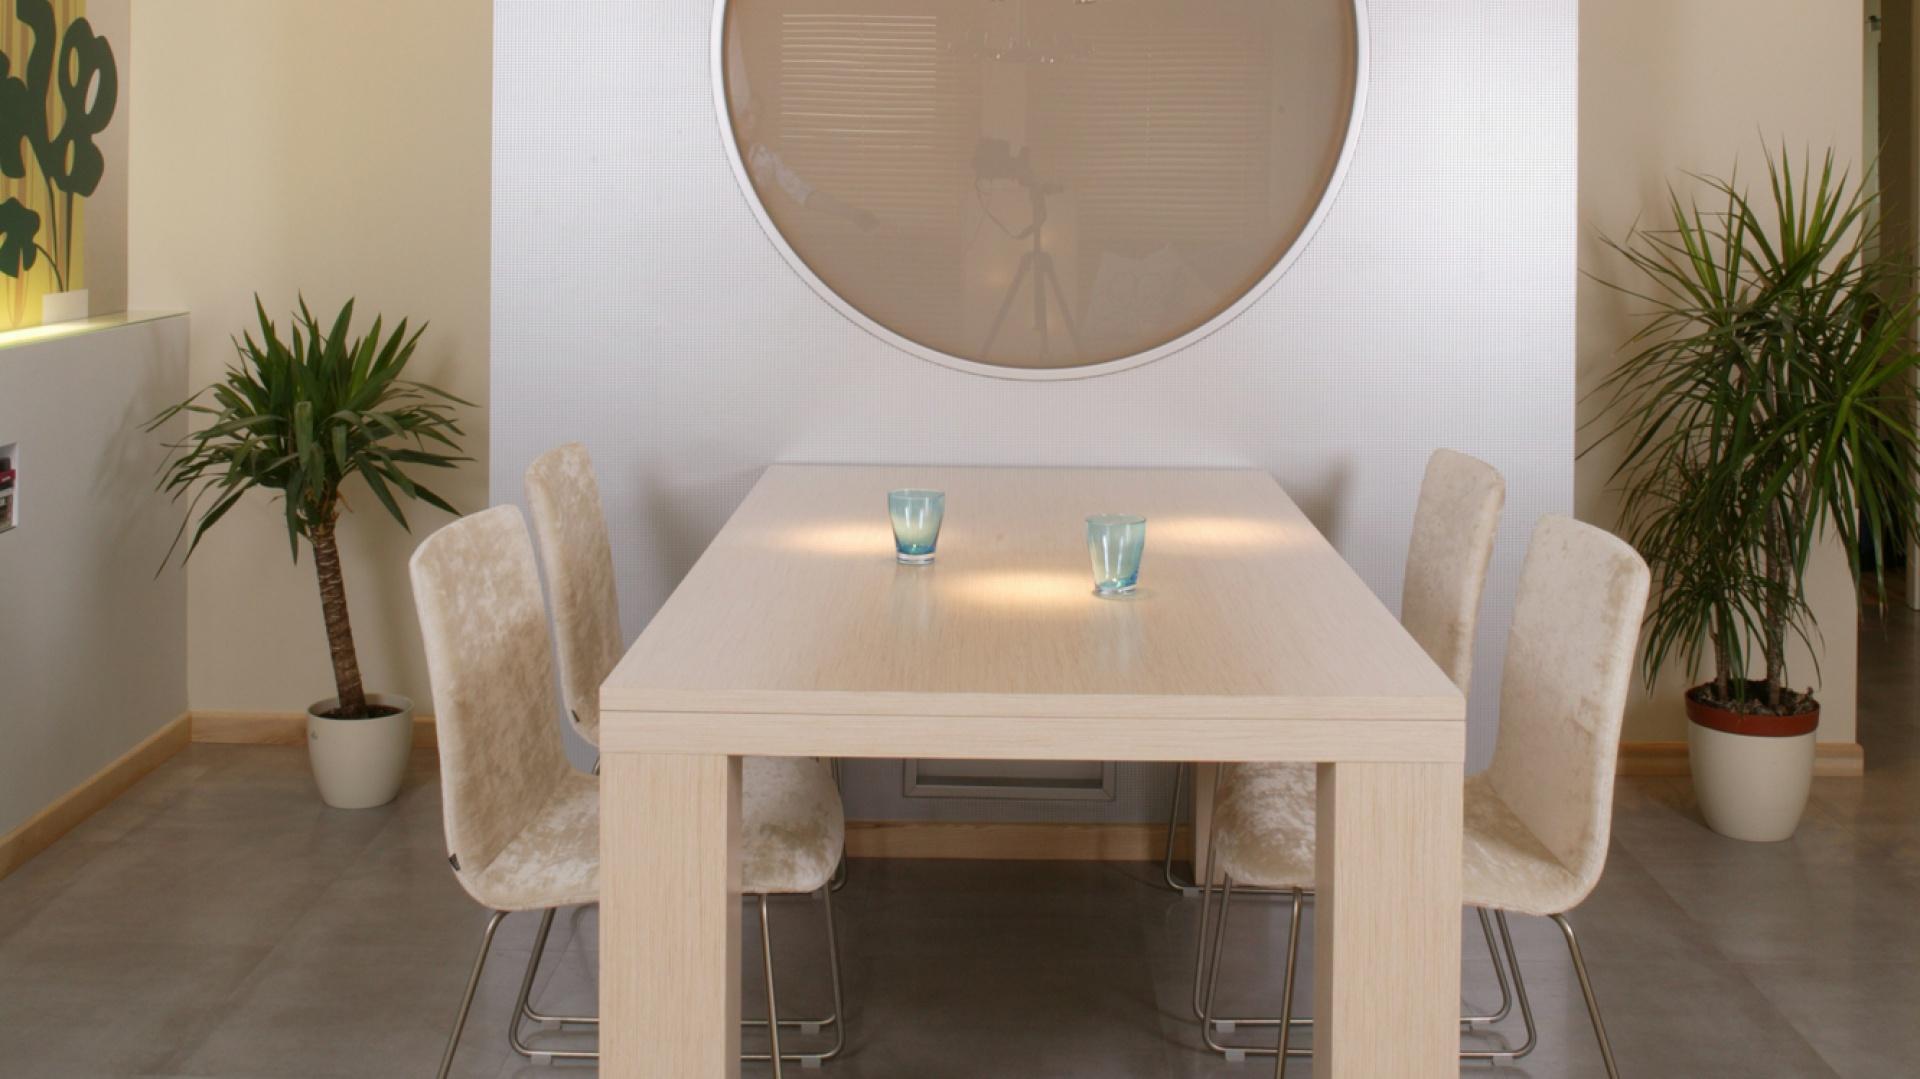 Srebrna tapeta, która pojawia się w kuchni, została również wykorzystana na dekoracyjnej ściance z bulajem. Doskonale harmonizuje z hi-techową wiszącą lampą (Ikea). Monika Filipiuk.